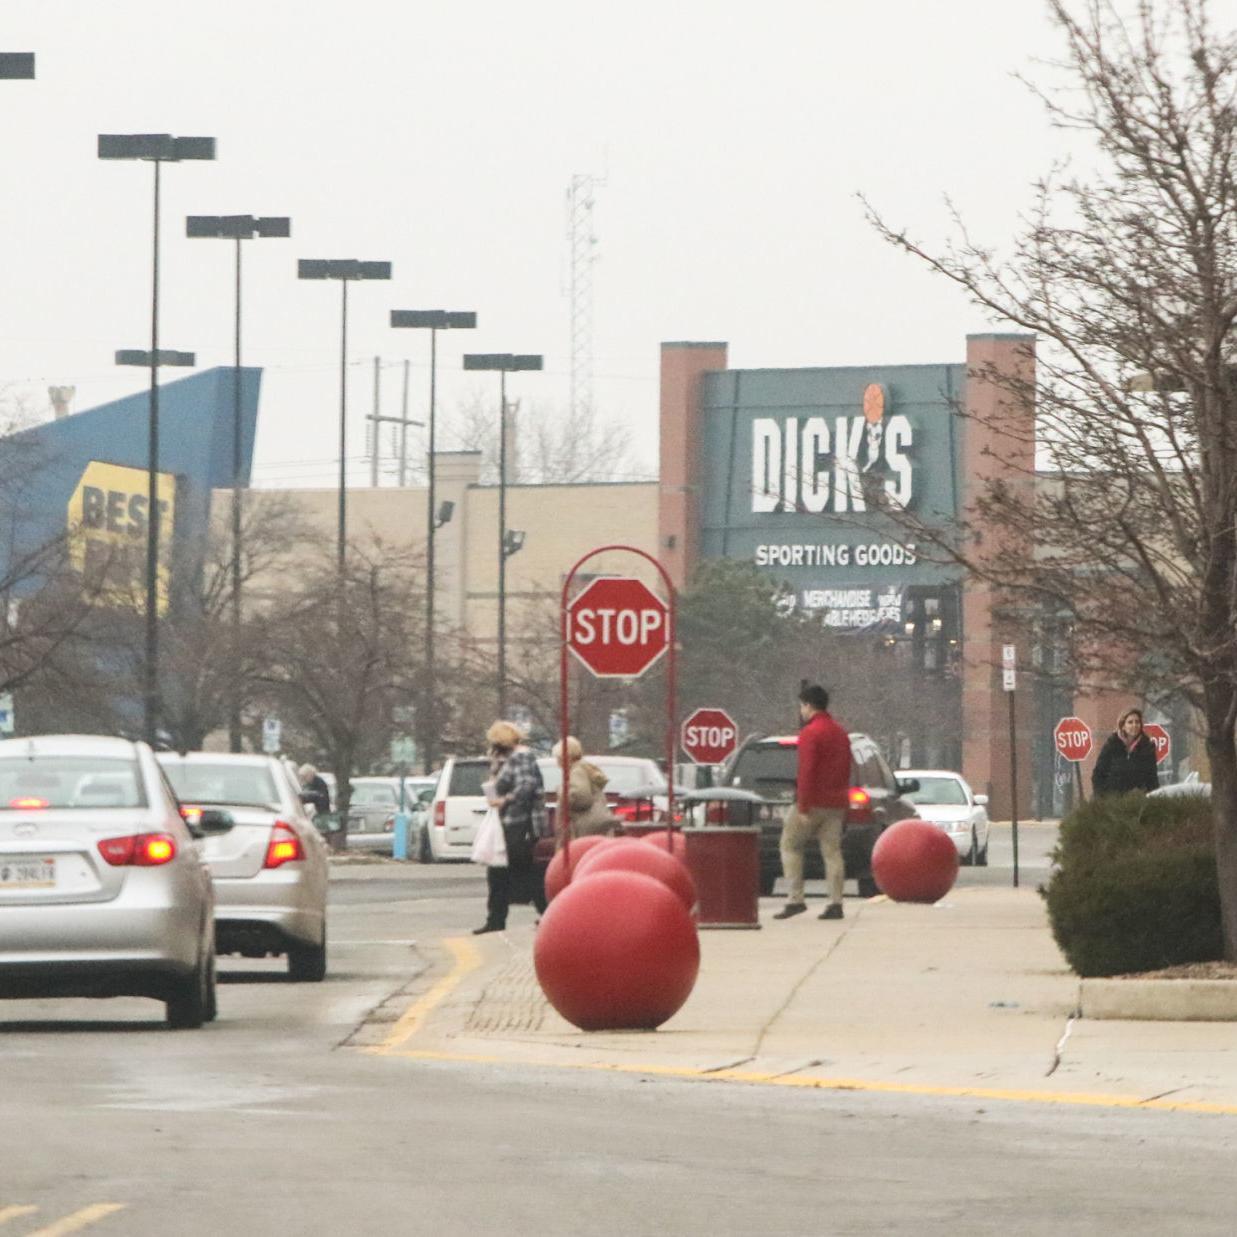 Burlington Coat Factory plans to open